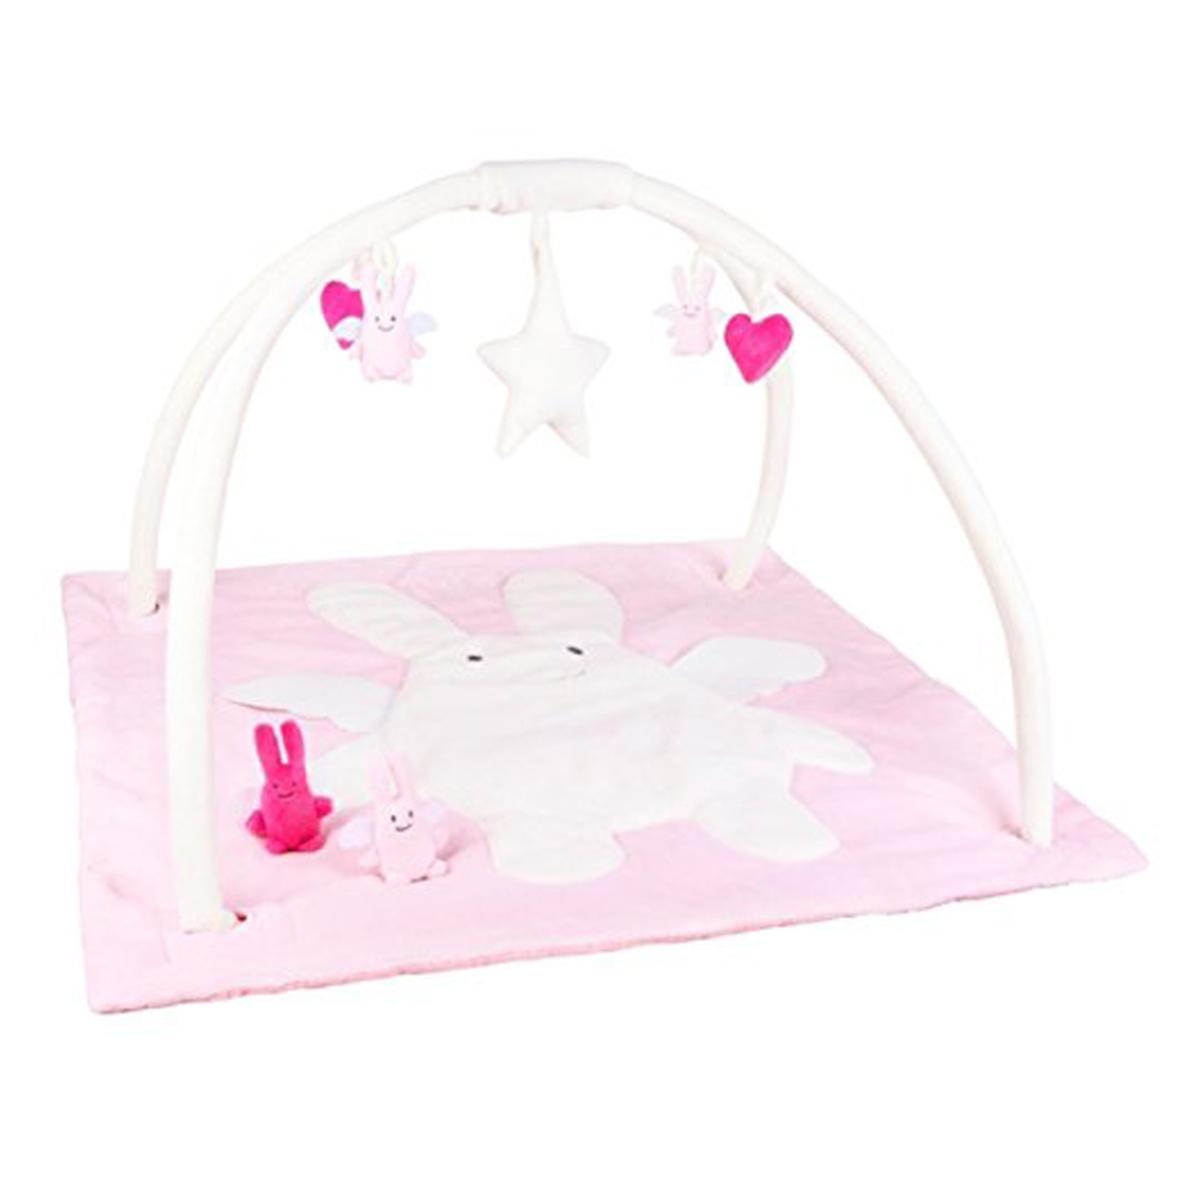 tapis d 39 veil musical ange lapin rose 90 cm vm10000 03. Black Bedroom Furniture Sets. Home Design Ideas